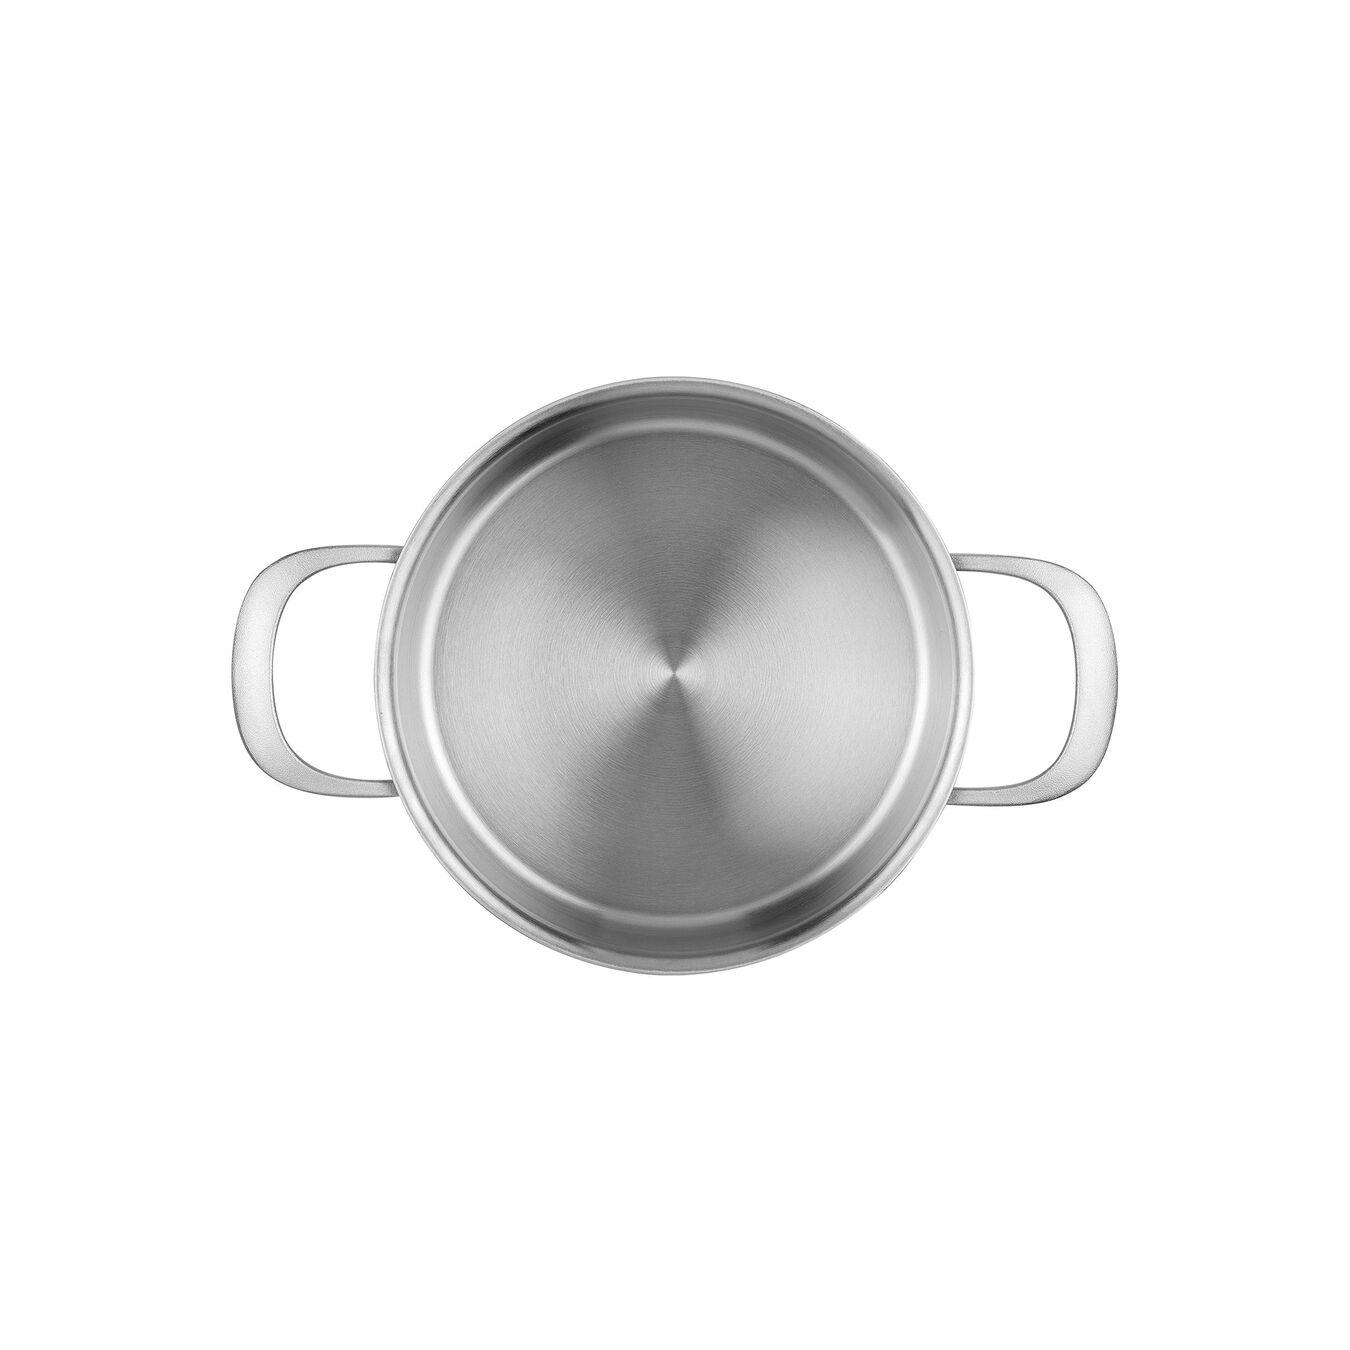 Casseruola - 16 cm, 18/10 acciaio inossidabile,,large 4